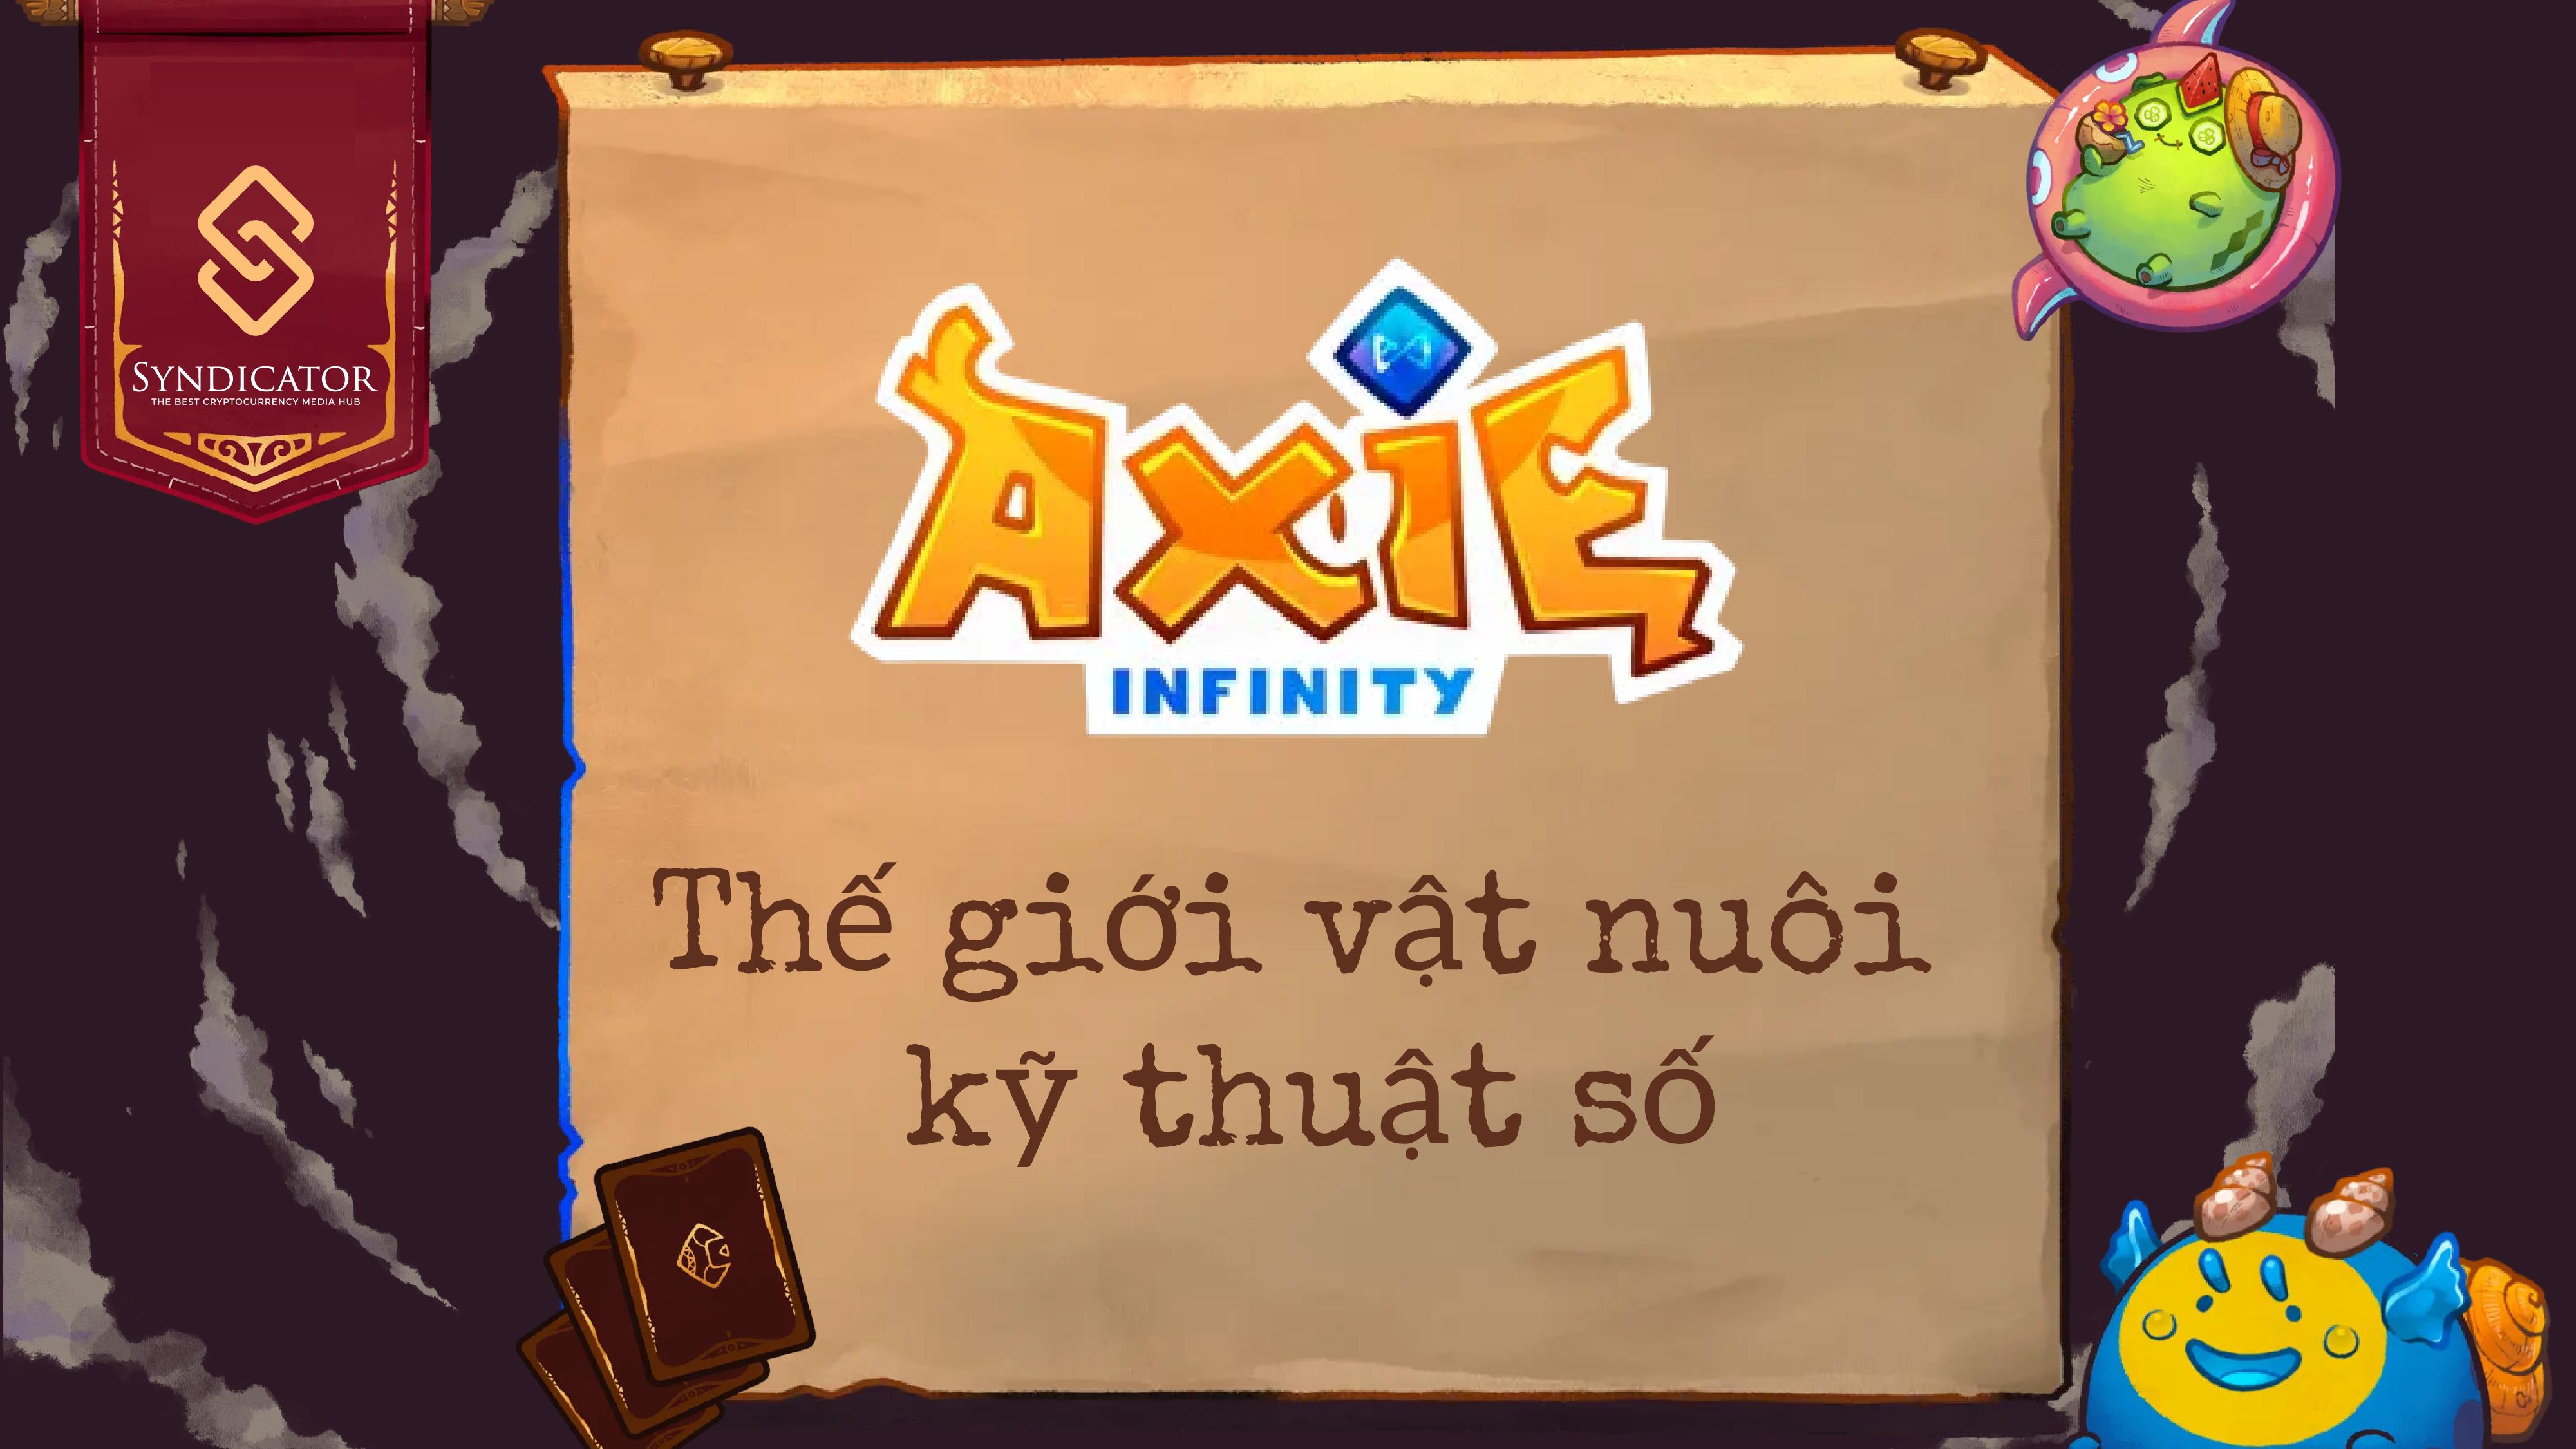 Axie Infinity (AXS) - Thế giới vật nuôi kỹ thuật số - Syndicator